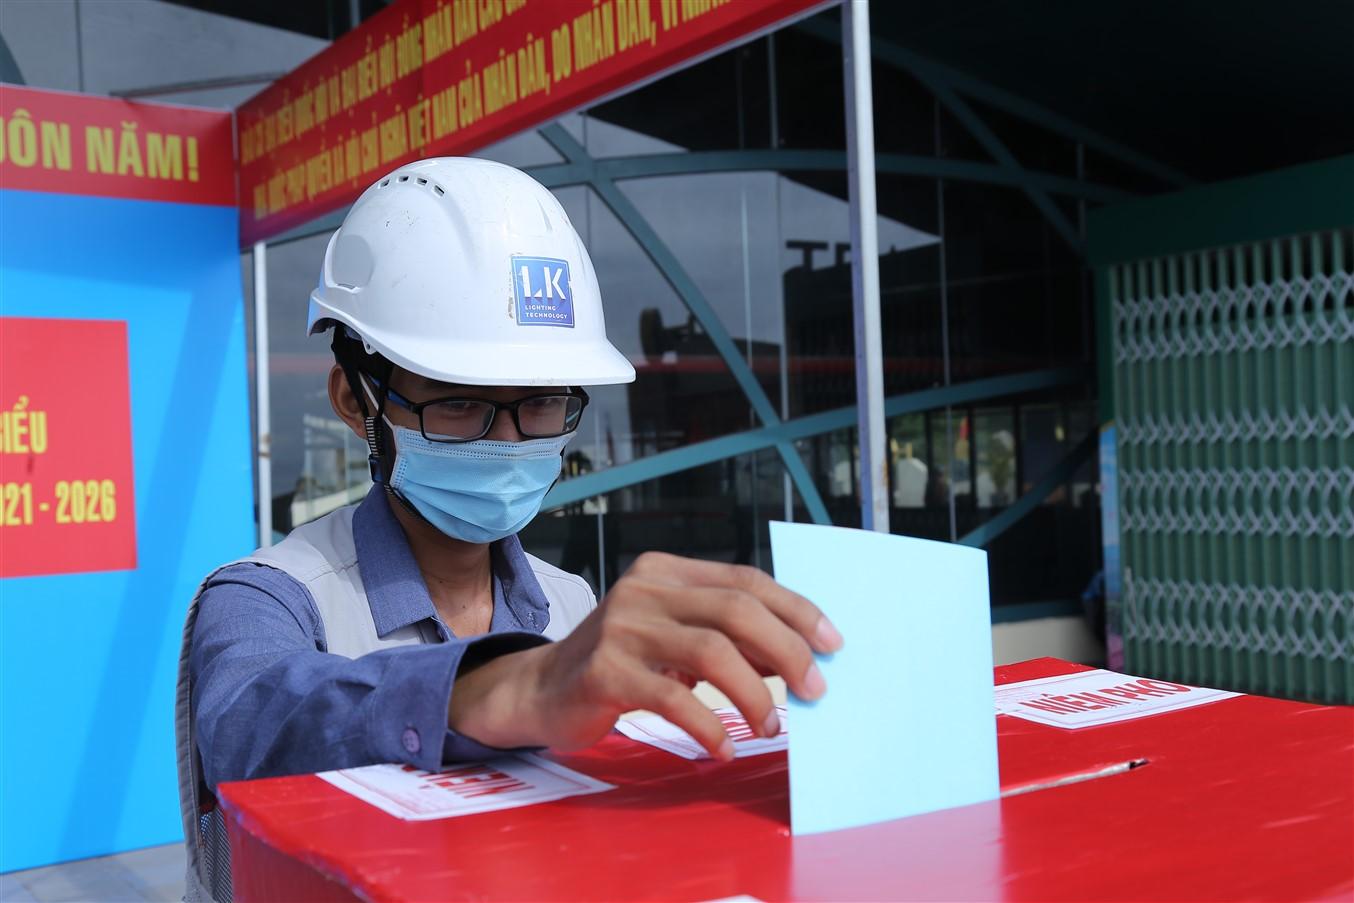 Gần 700 cử tri đi bầu cử tại đỉnh núi Bà Đen Tây Ninh - Ảnh 10.